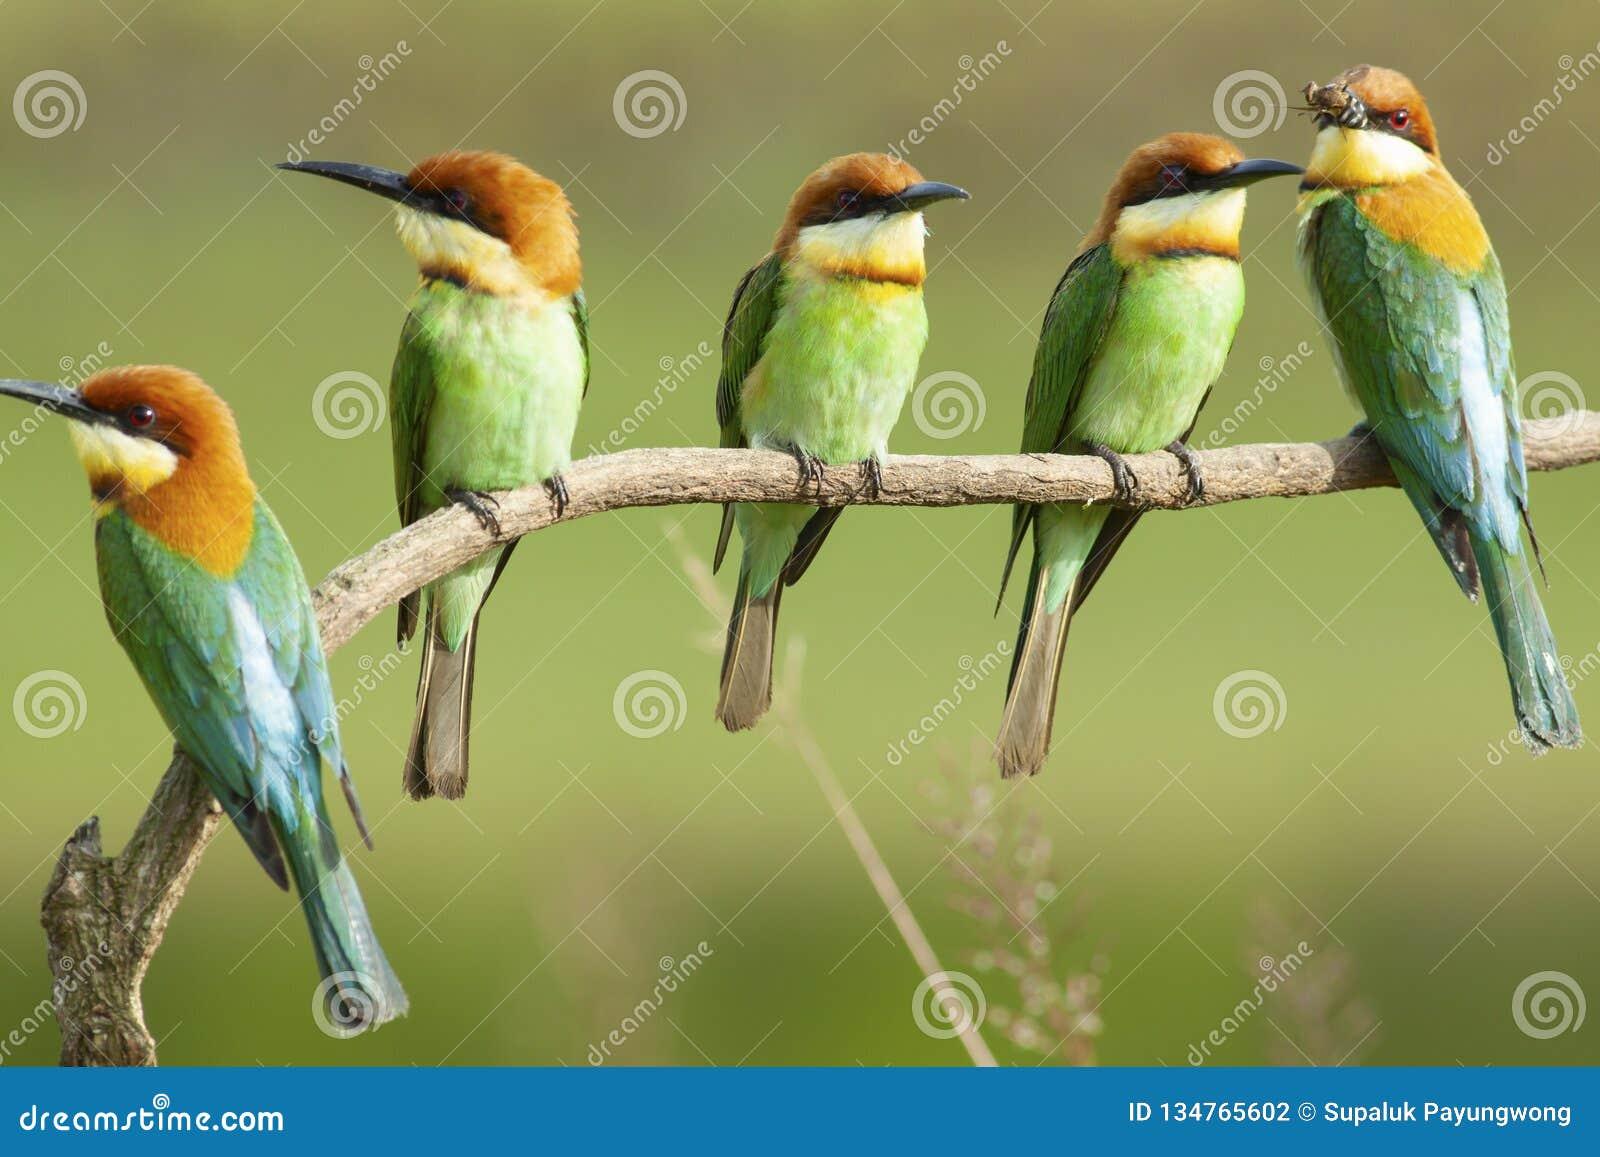 栗子带头的食蜂鸟饲养